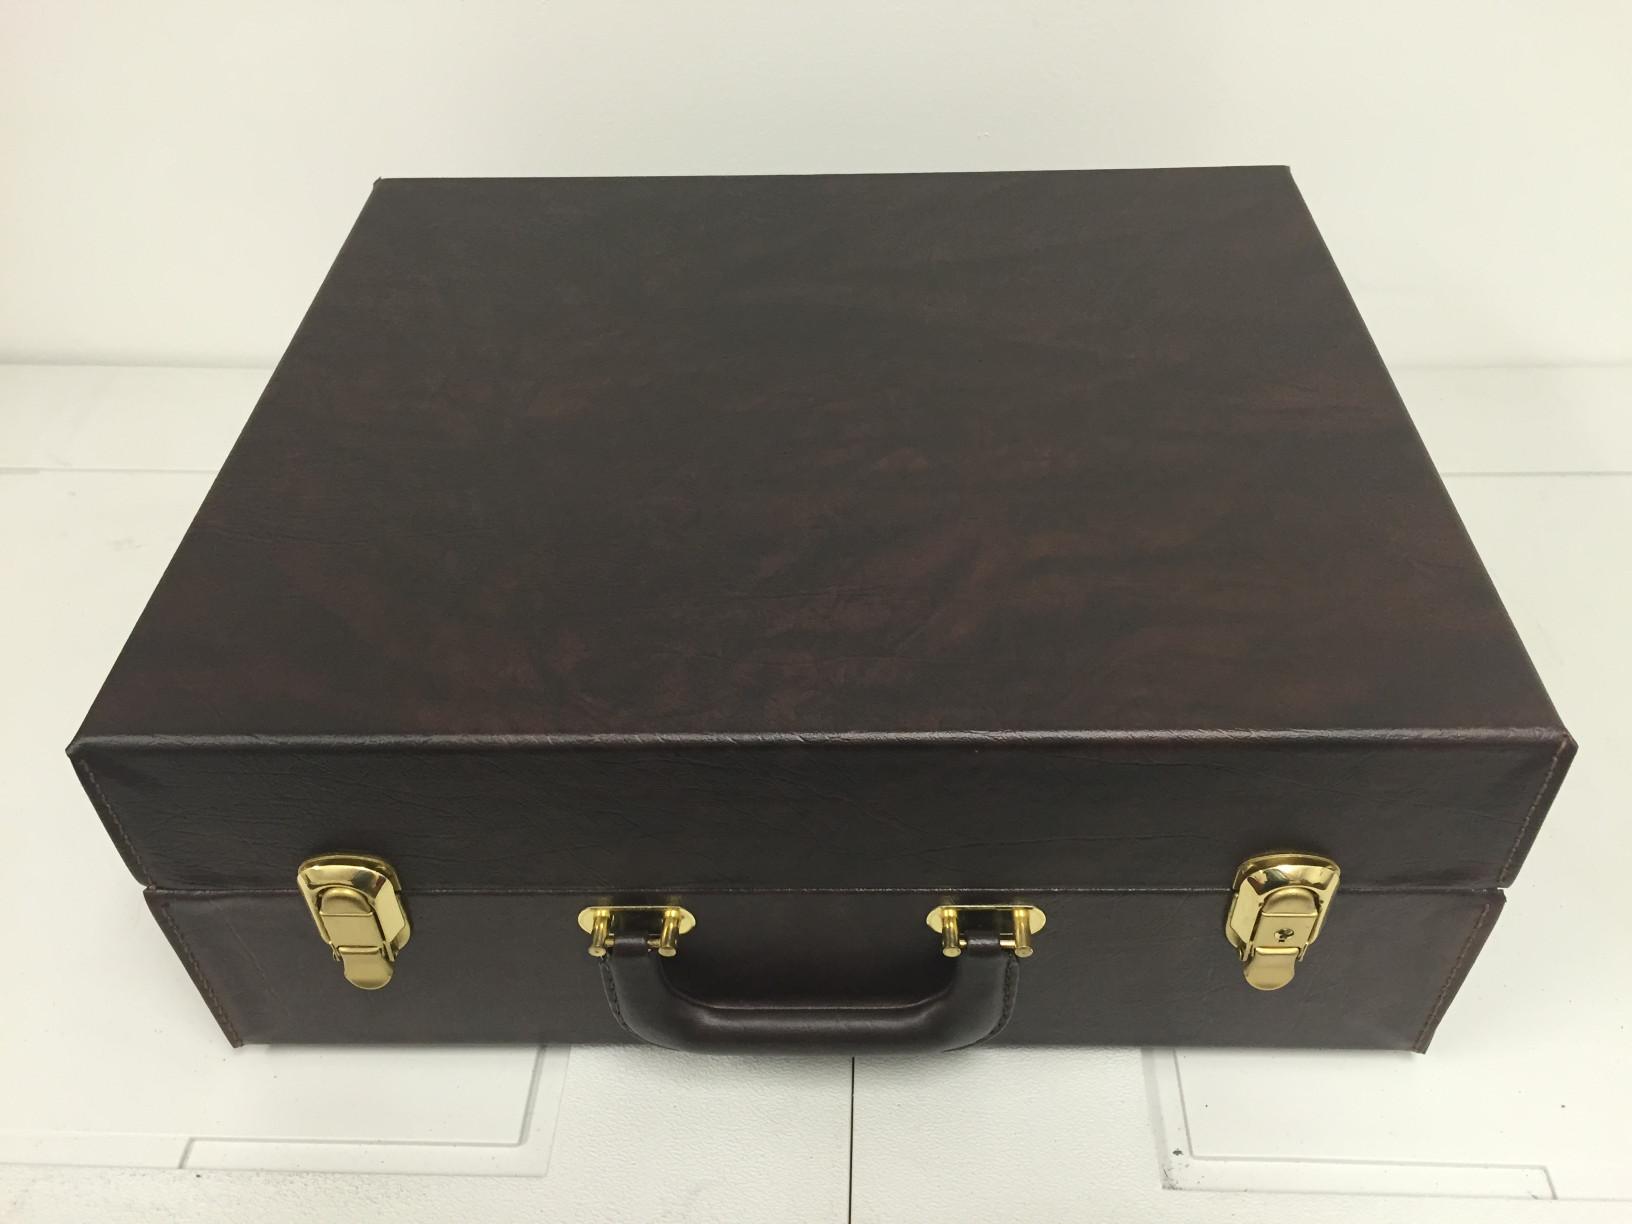 fs-brown-case-01